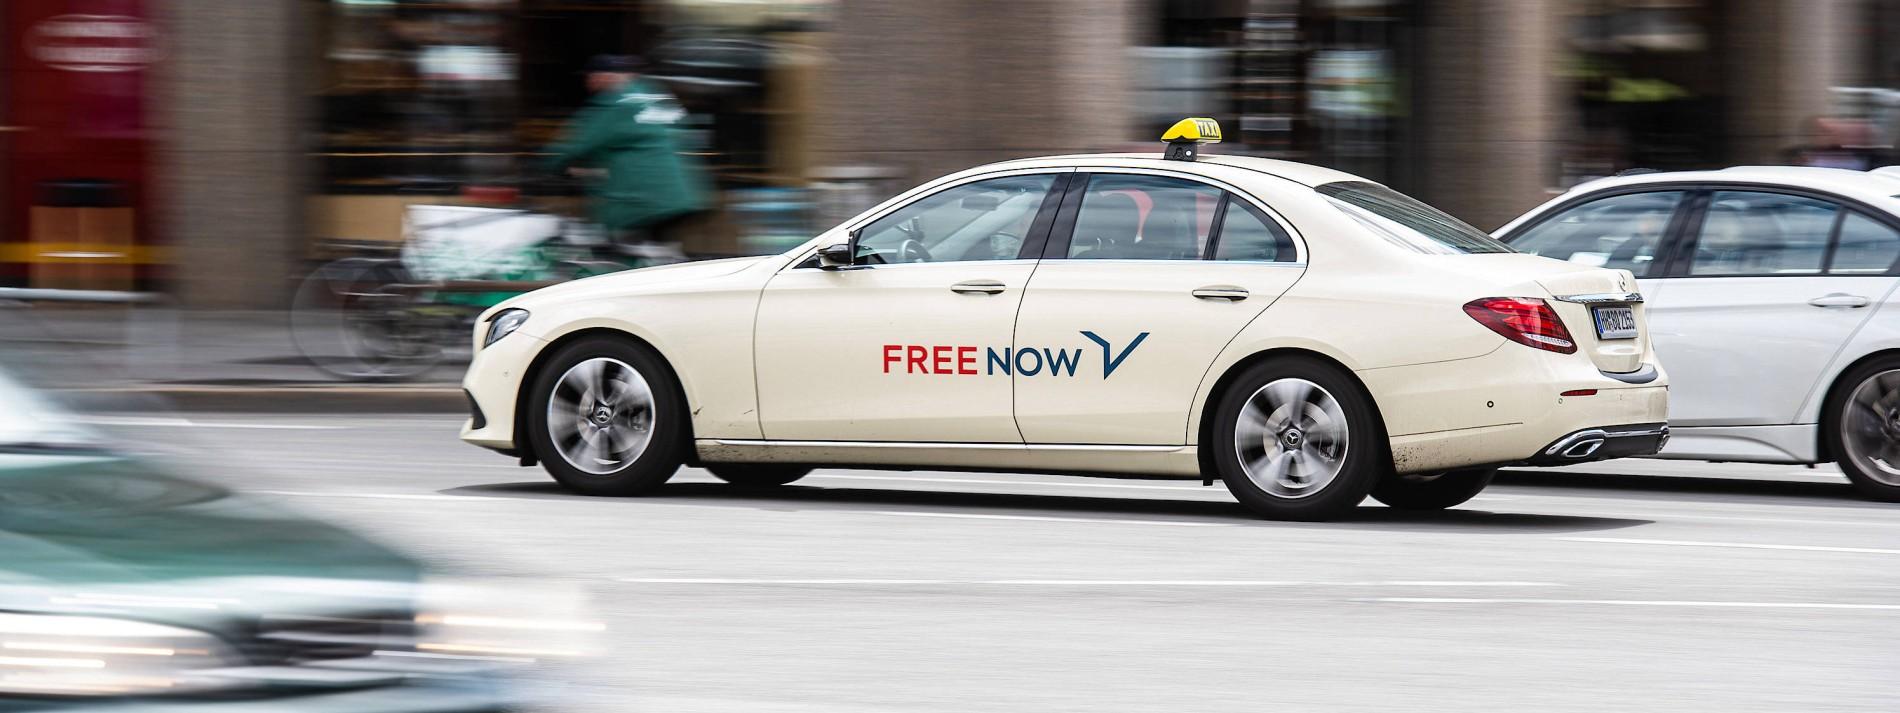 Neue Hürden für das Taxi-Teilen